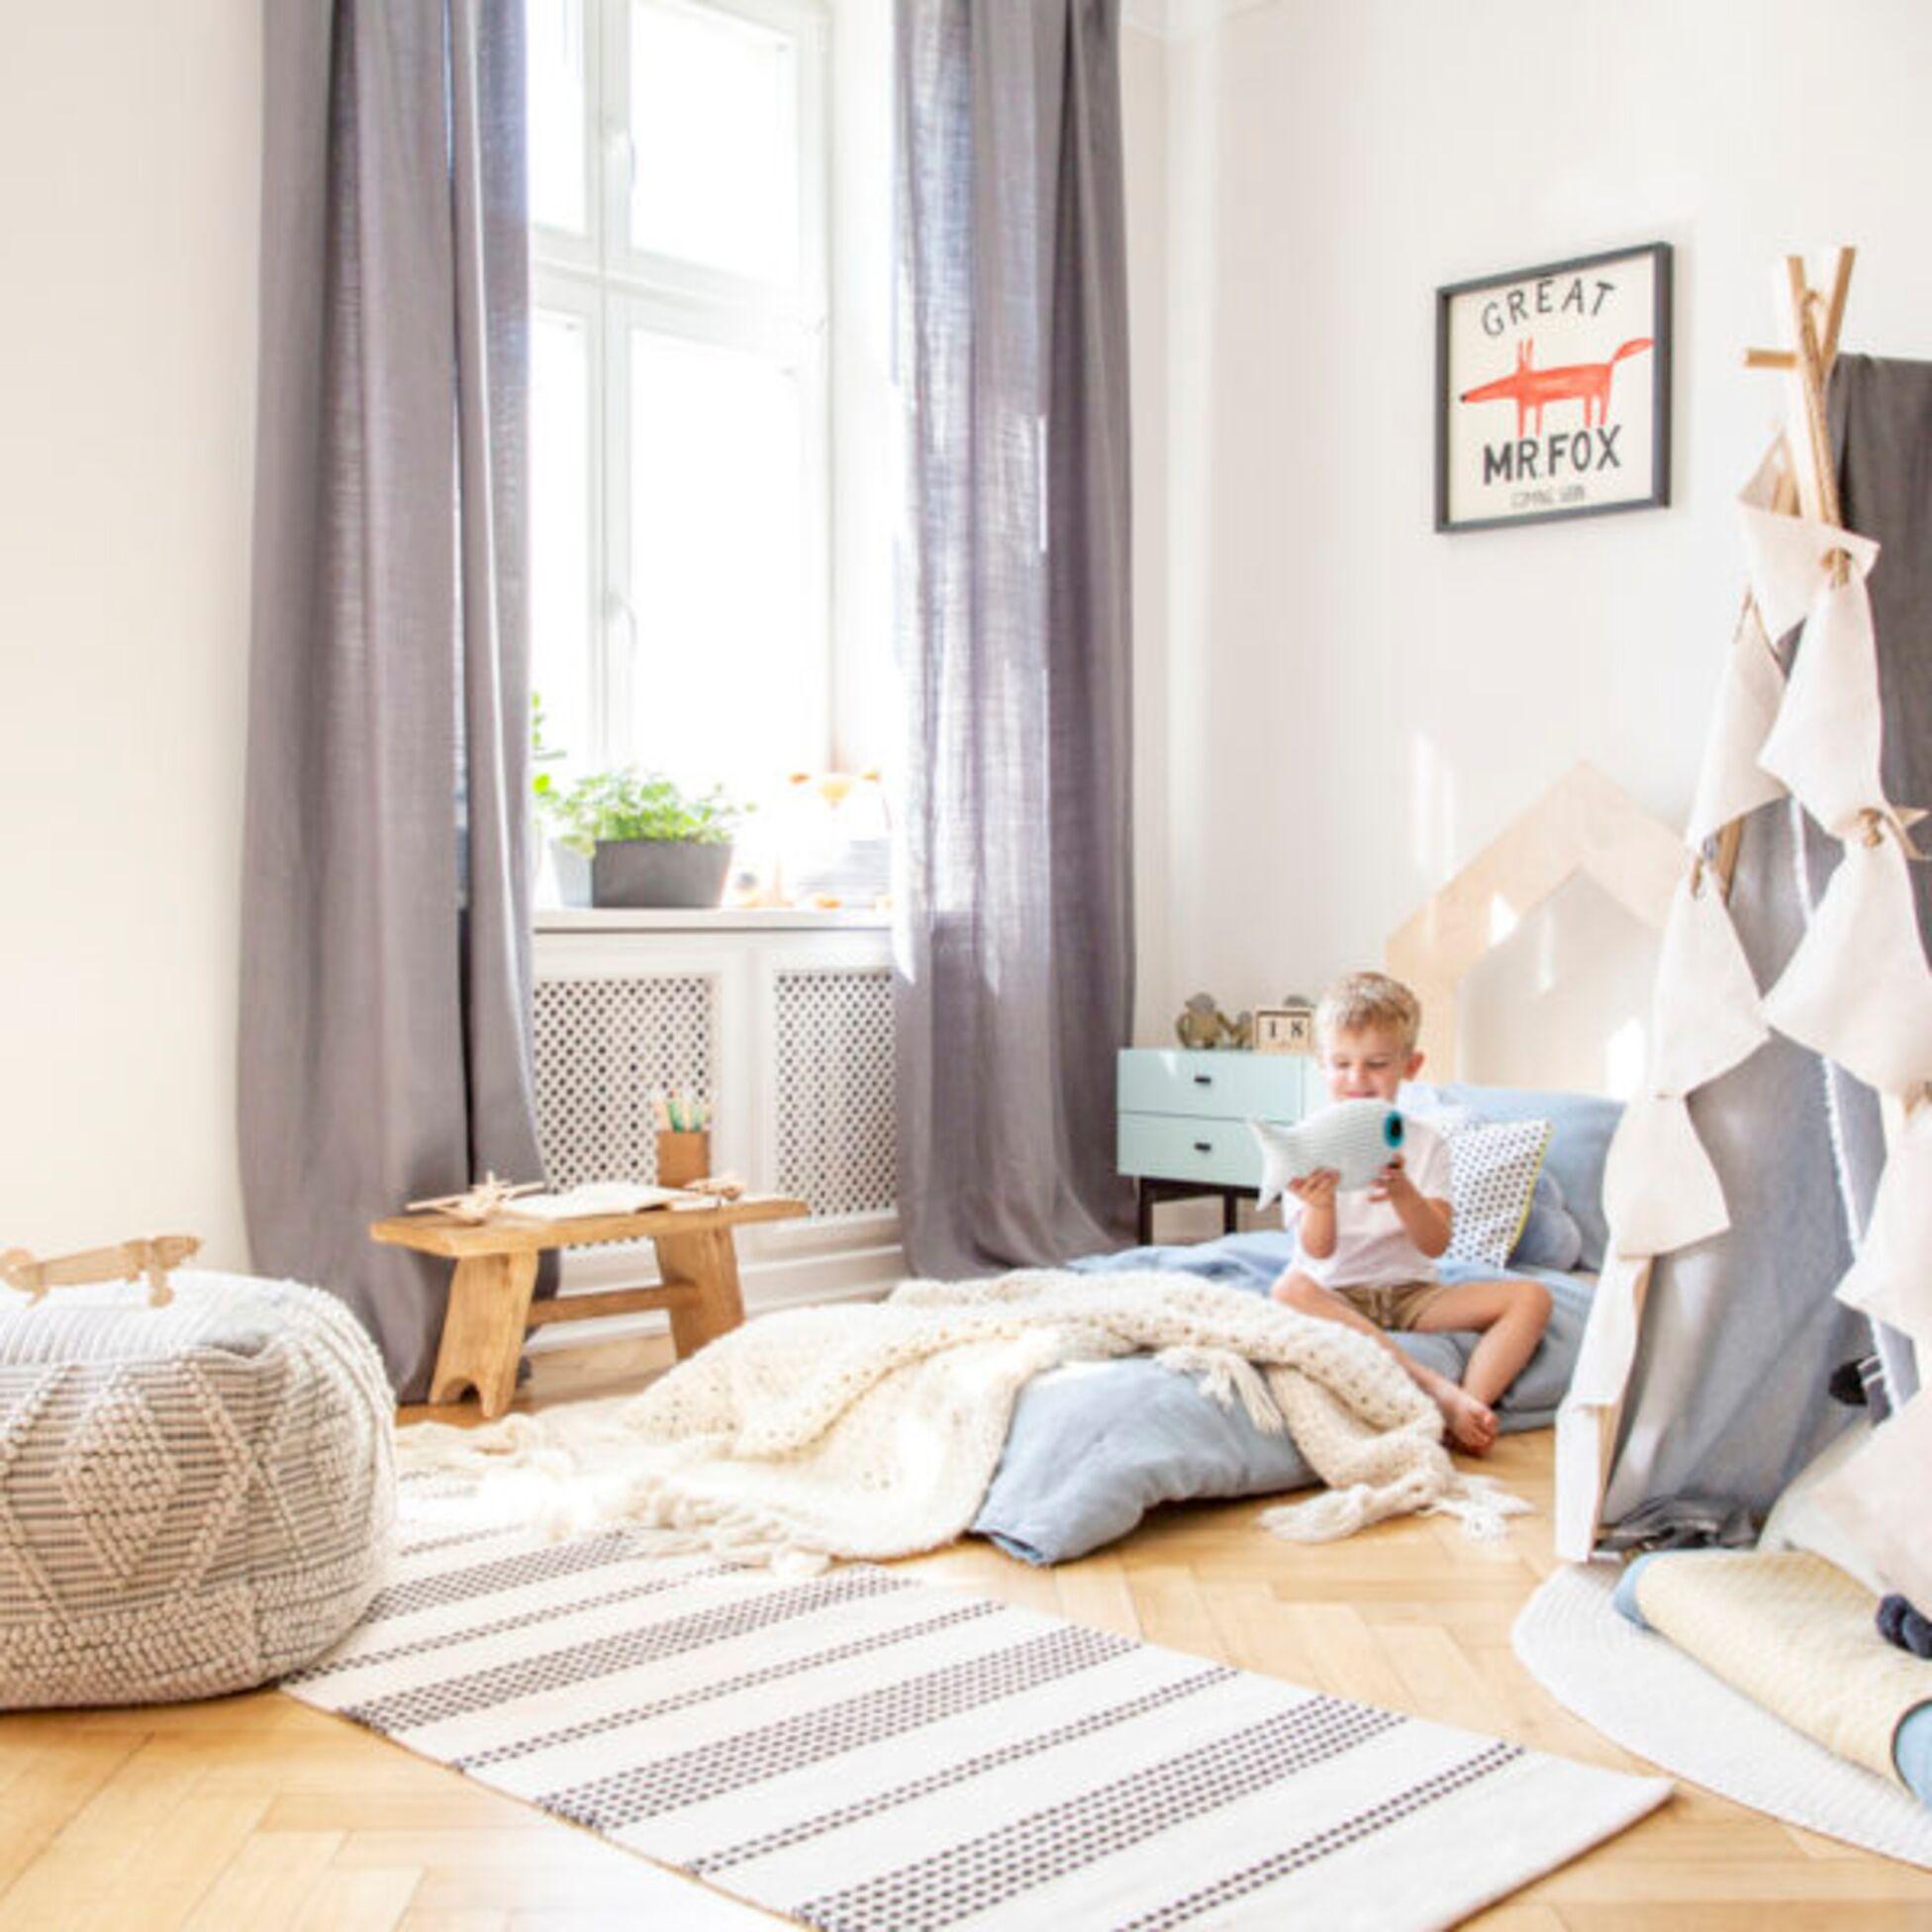 Kinder in nachhaltigem Kinderzimmer